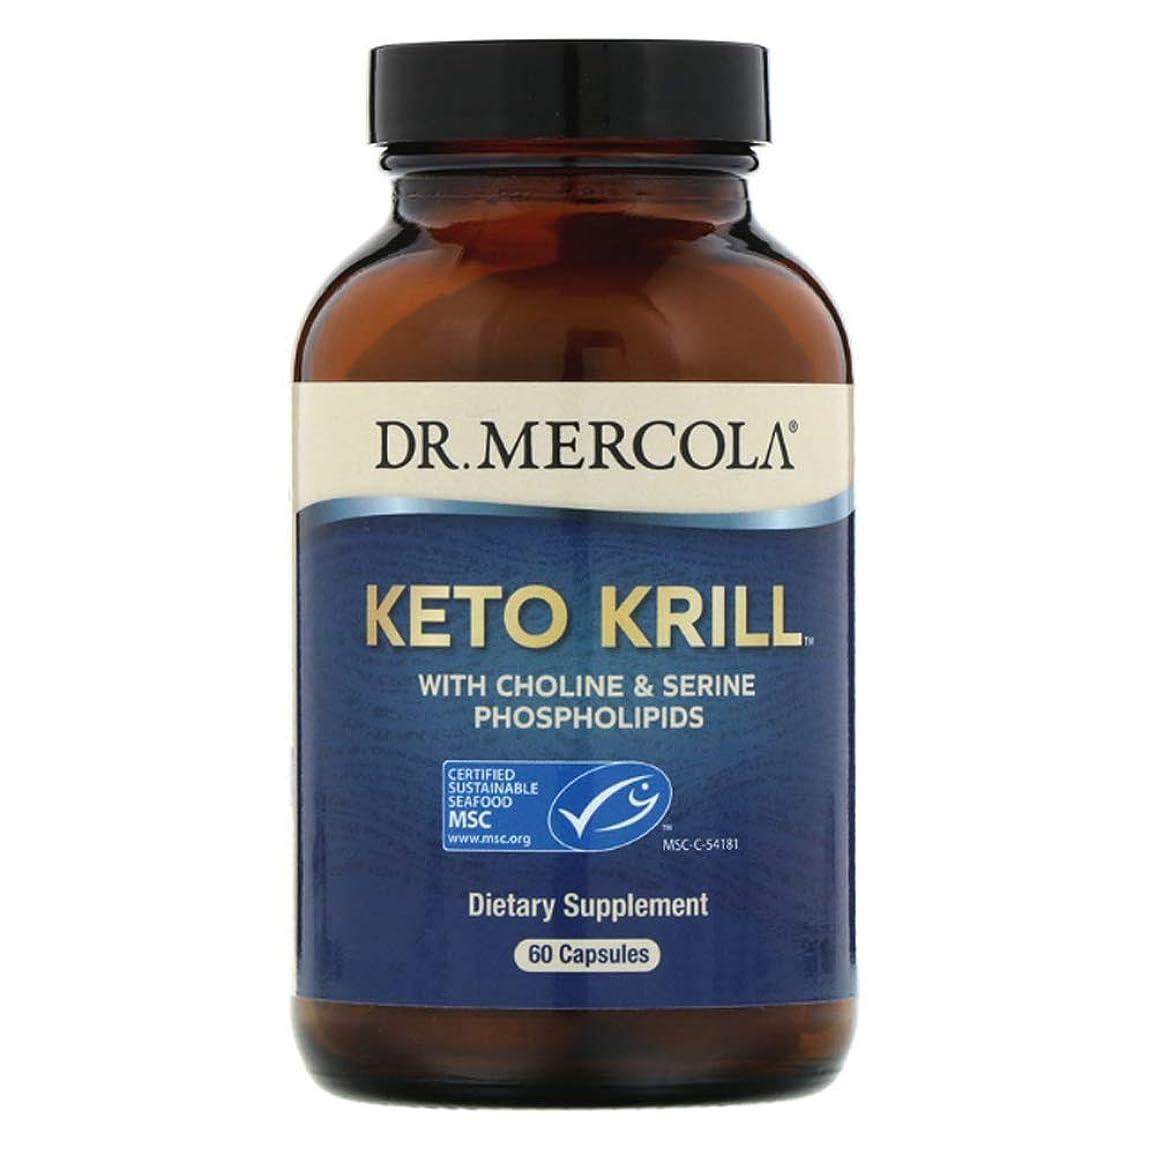 情緒的体操他のバンドでDr Mercola ケトオキアミ コリン セリンリン脂質配合 カプセル 60粒 【アメリカ直送】